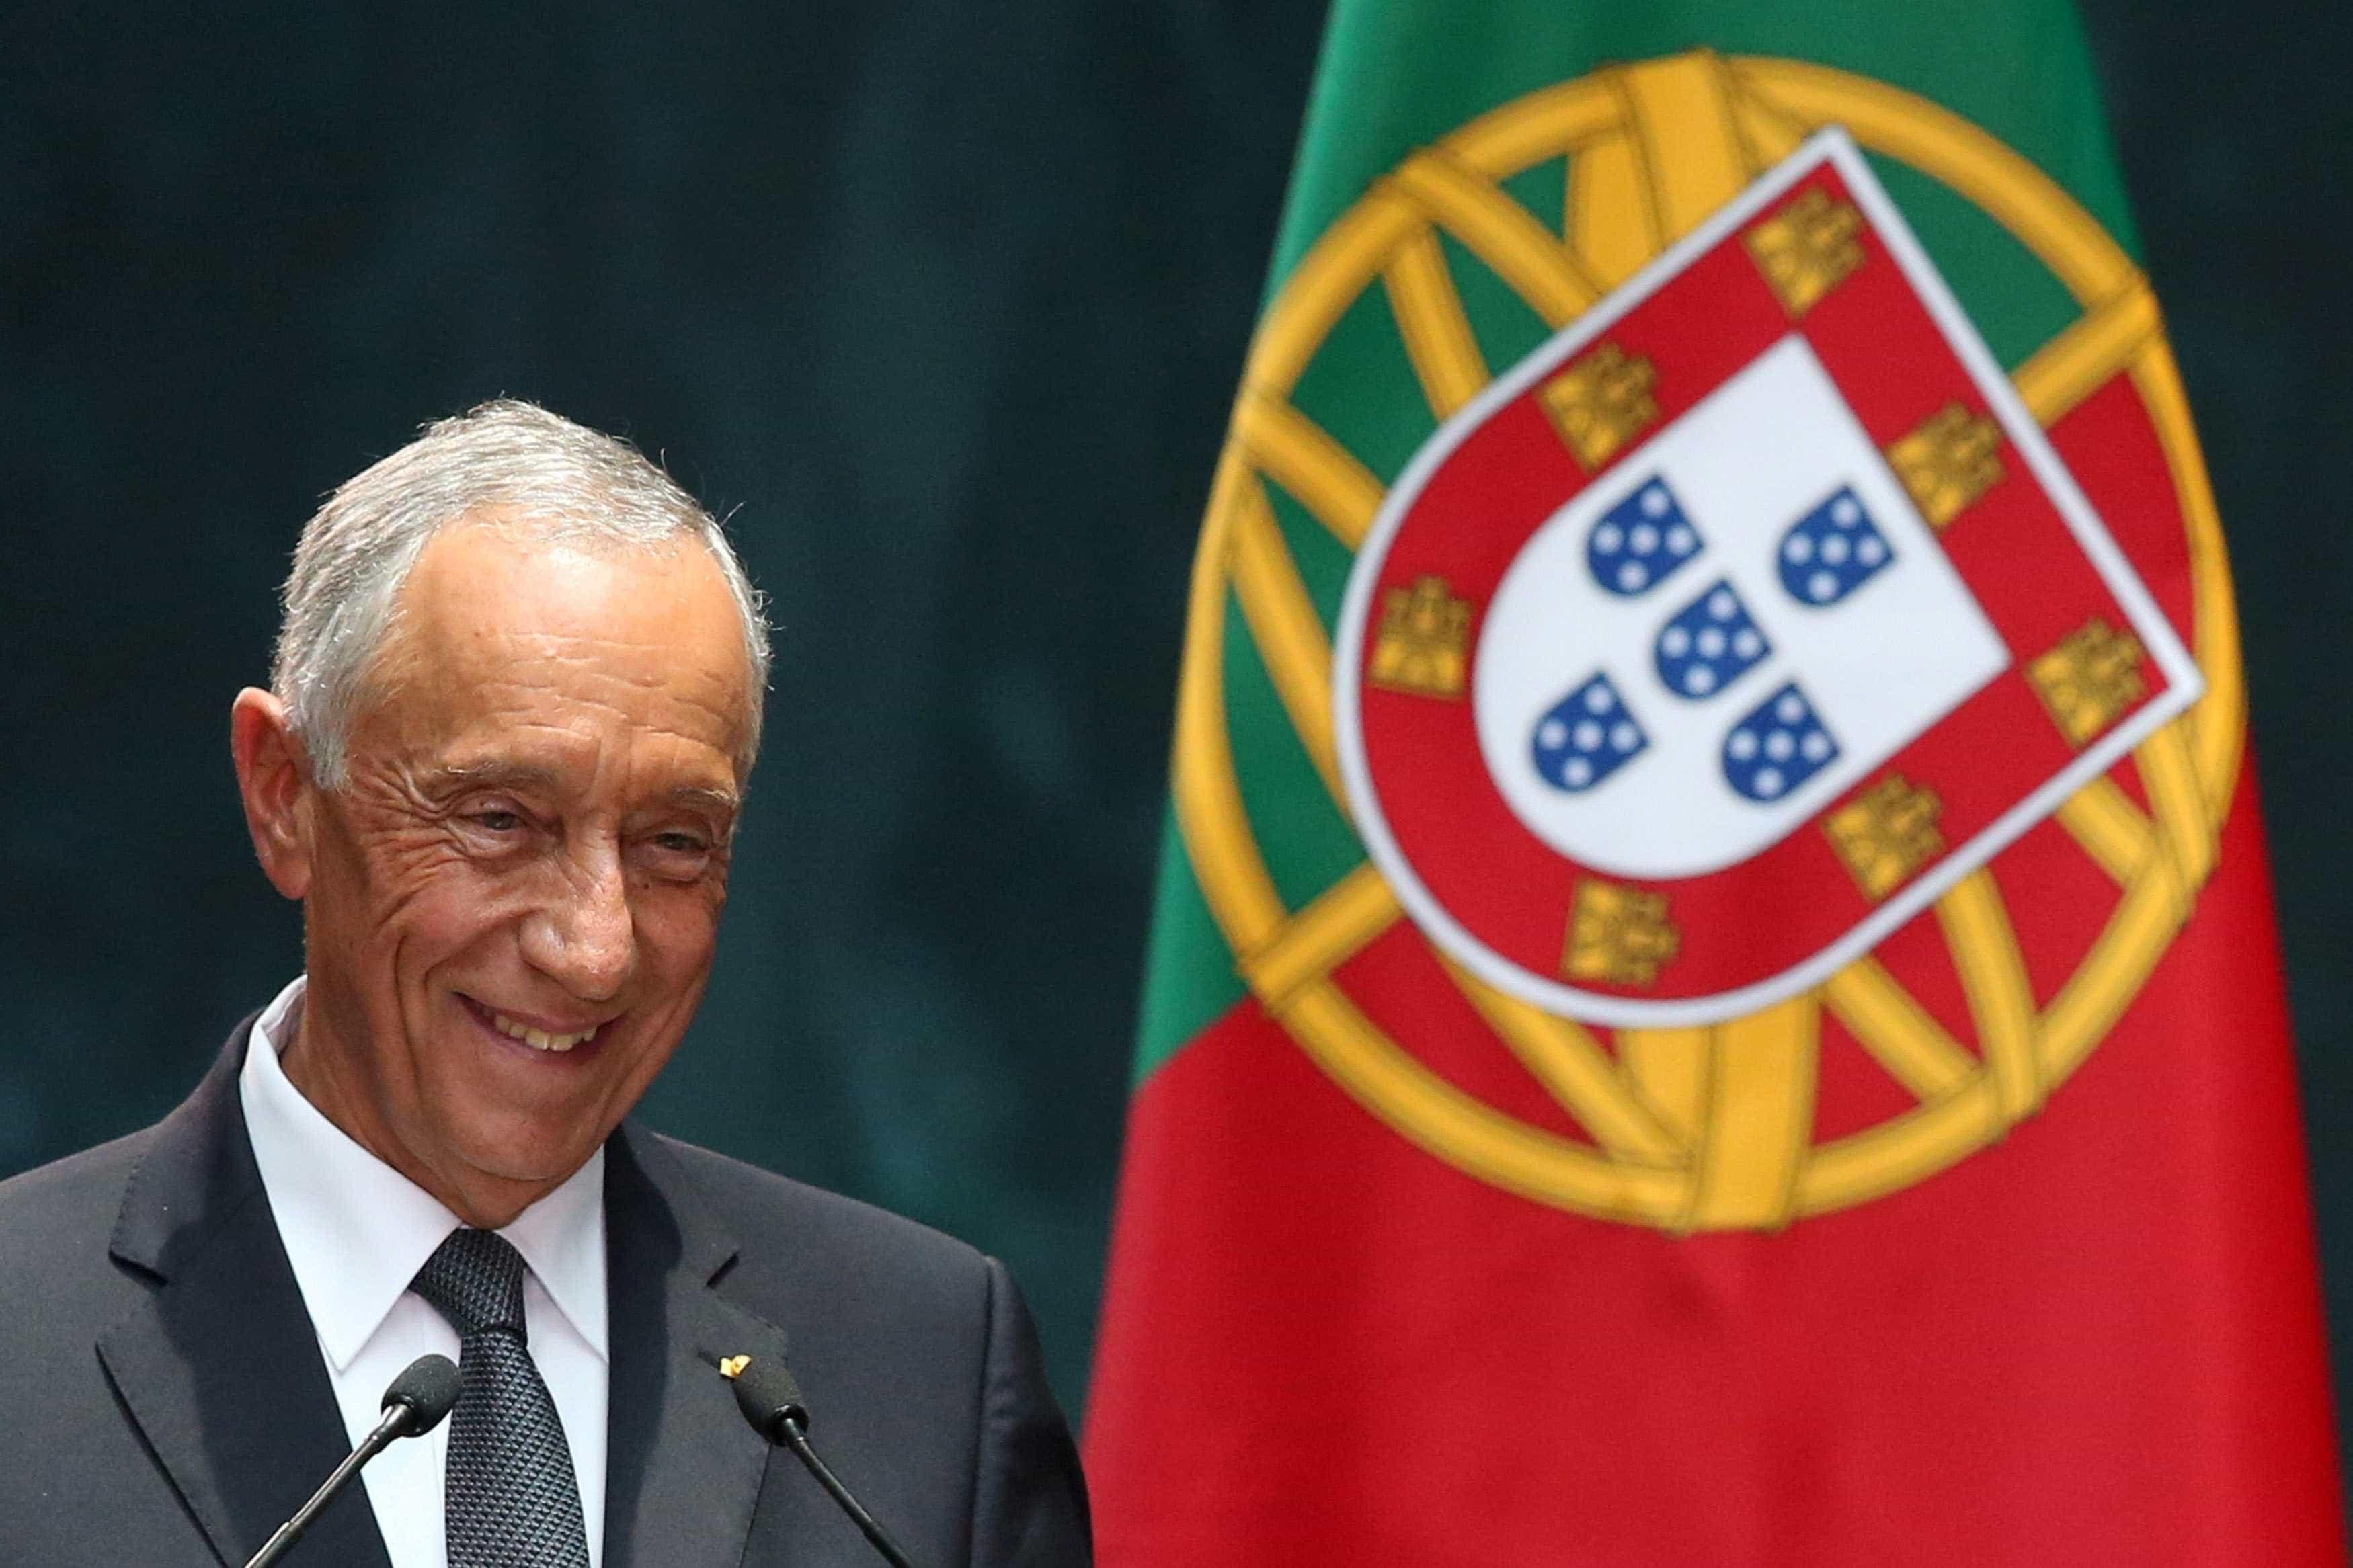 Presidente da República confirma eleições europeias a 26 de maio